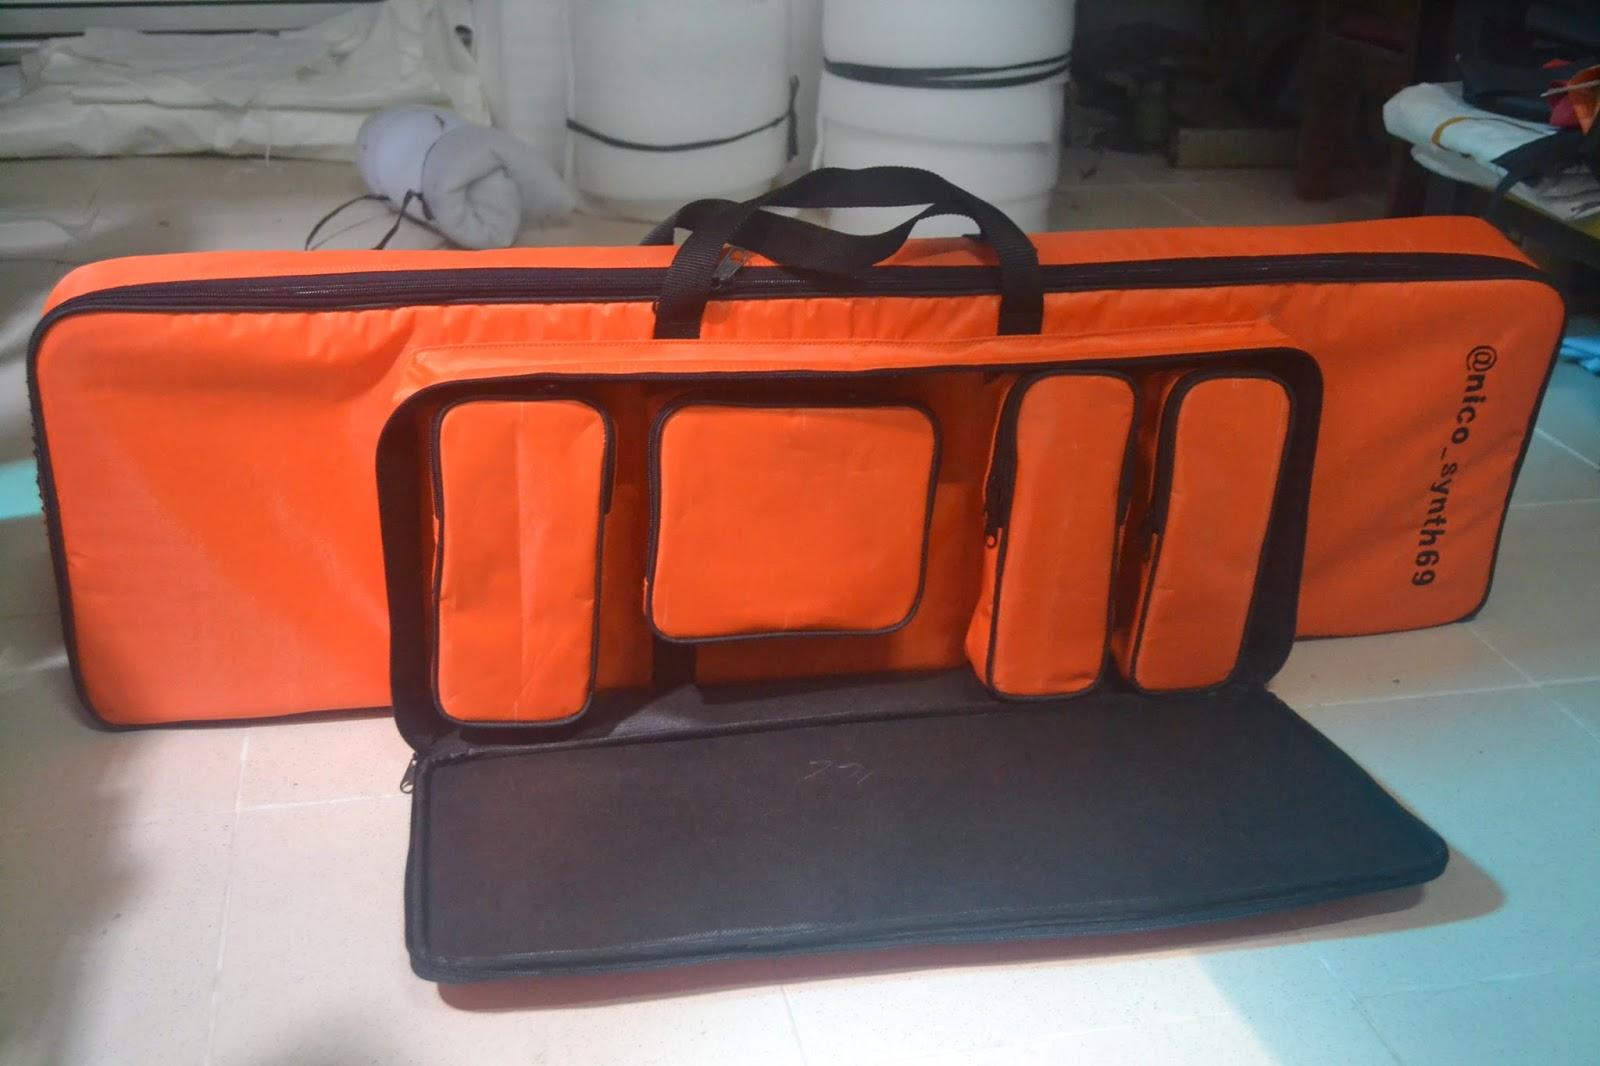 Tas/Softcase Keyboard KORG X50 wadah pedal, kabel, dan lain lain